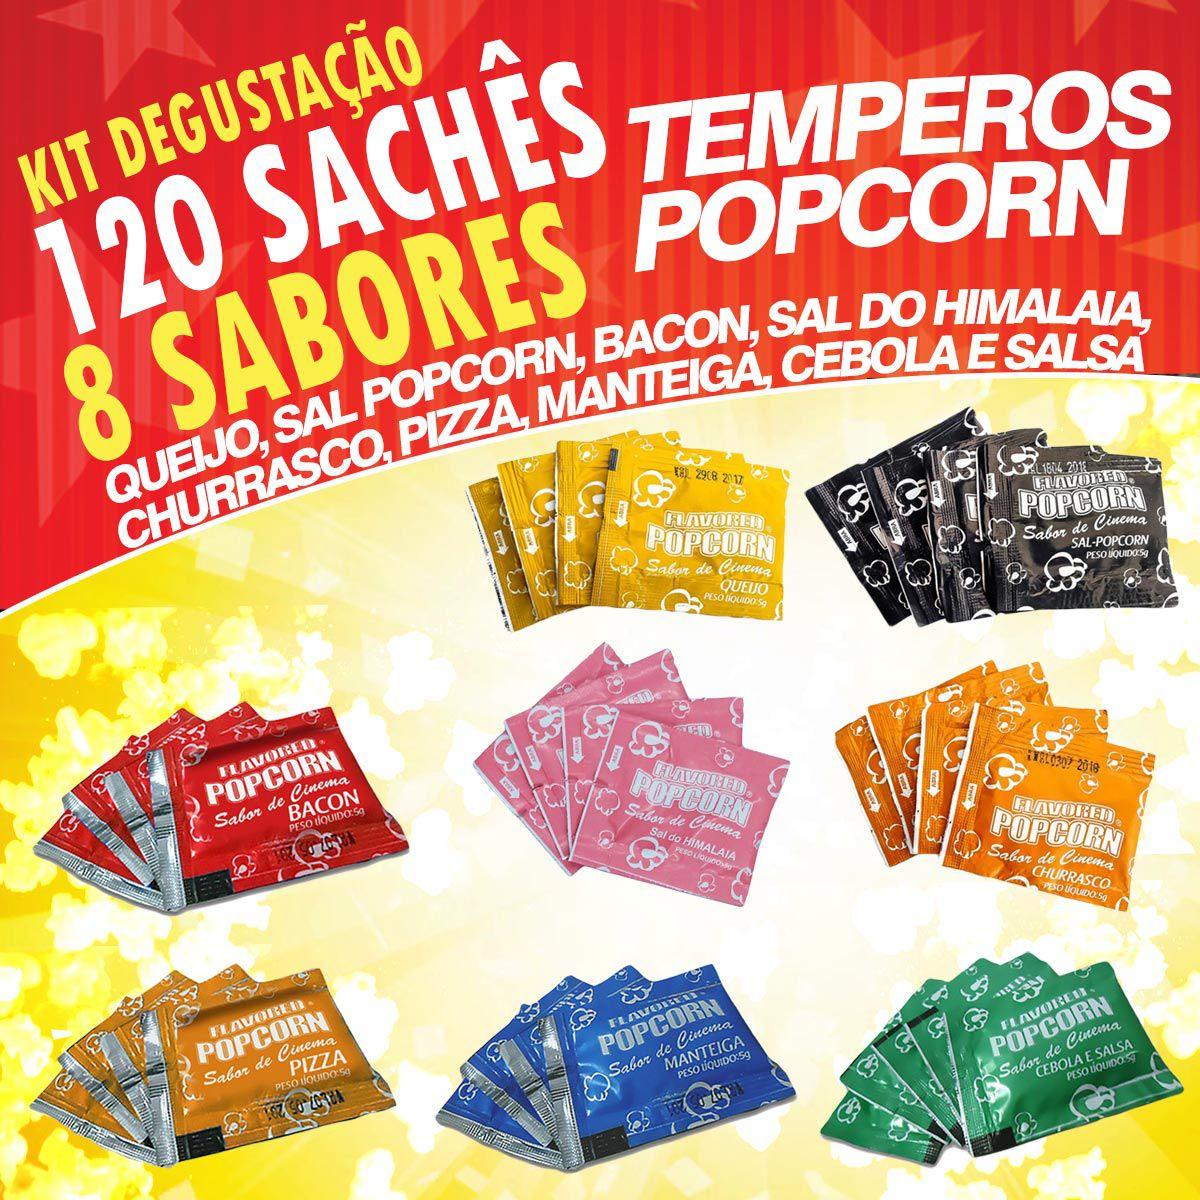 Temperos Popcorn 120 sachês. 15 Cebola e Salsa, 15 Manteiga, 15 Pizza, 15 Churrasco, 15 Queijo, 15 Sal Popcorn, 15 Sal do Himalaia e 15 Bacon.